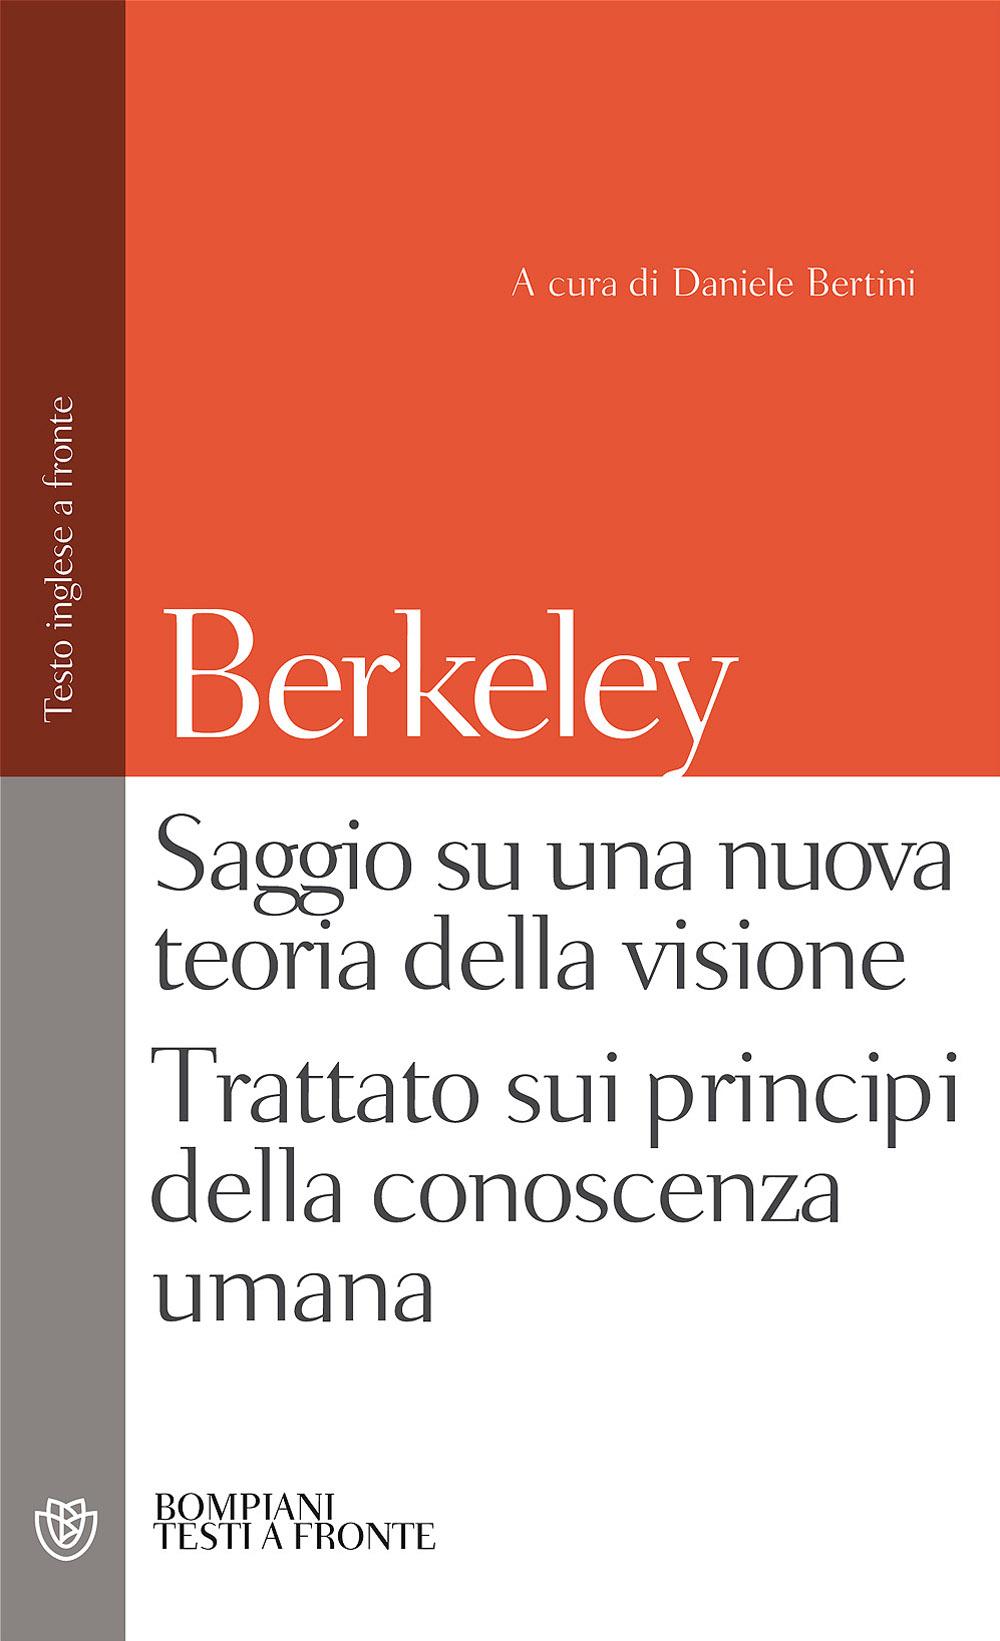 Saggio su una nuova teoria della visione - Trattato sui principi della conoscenza umana